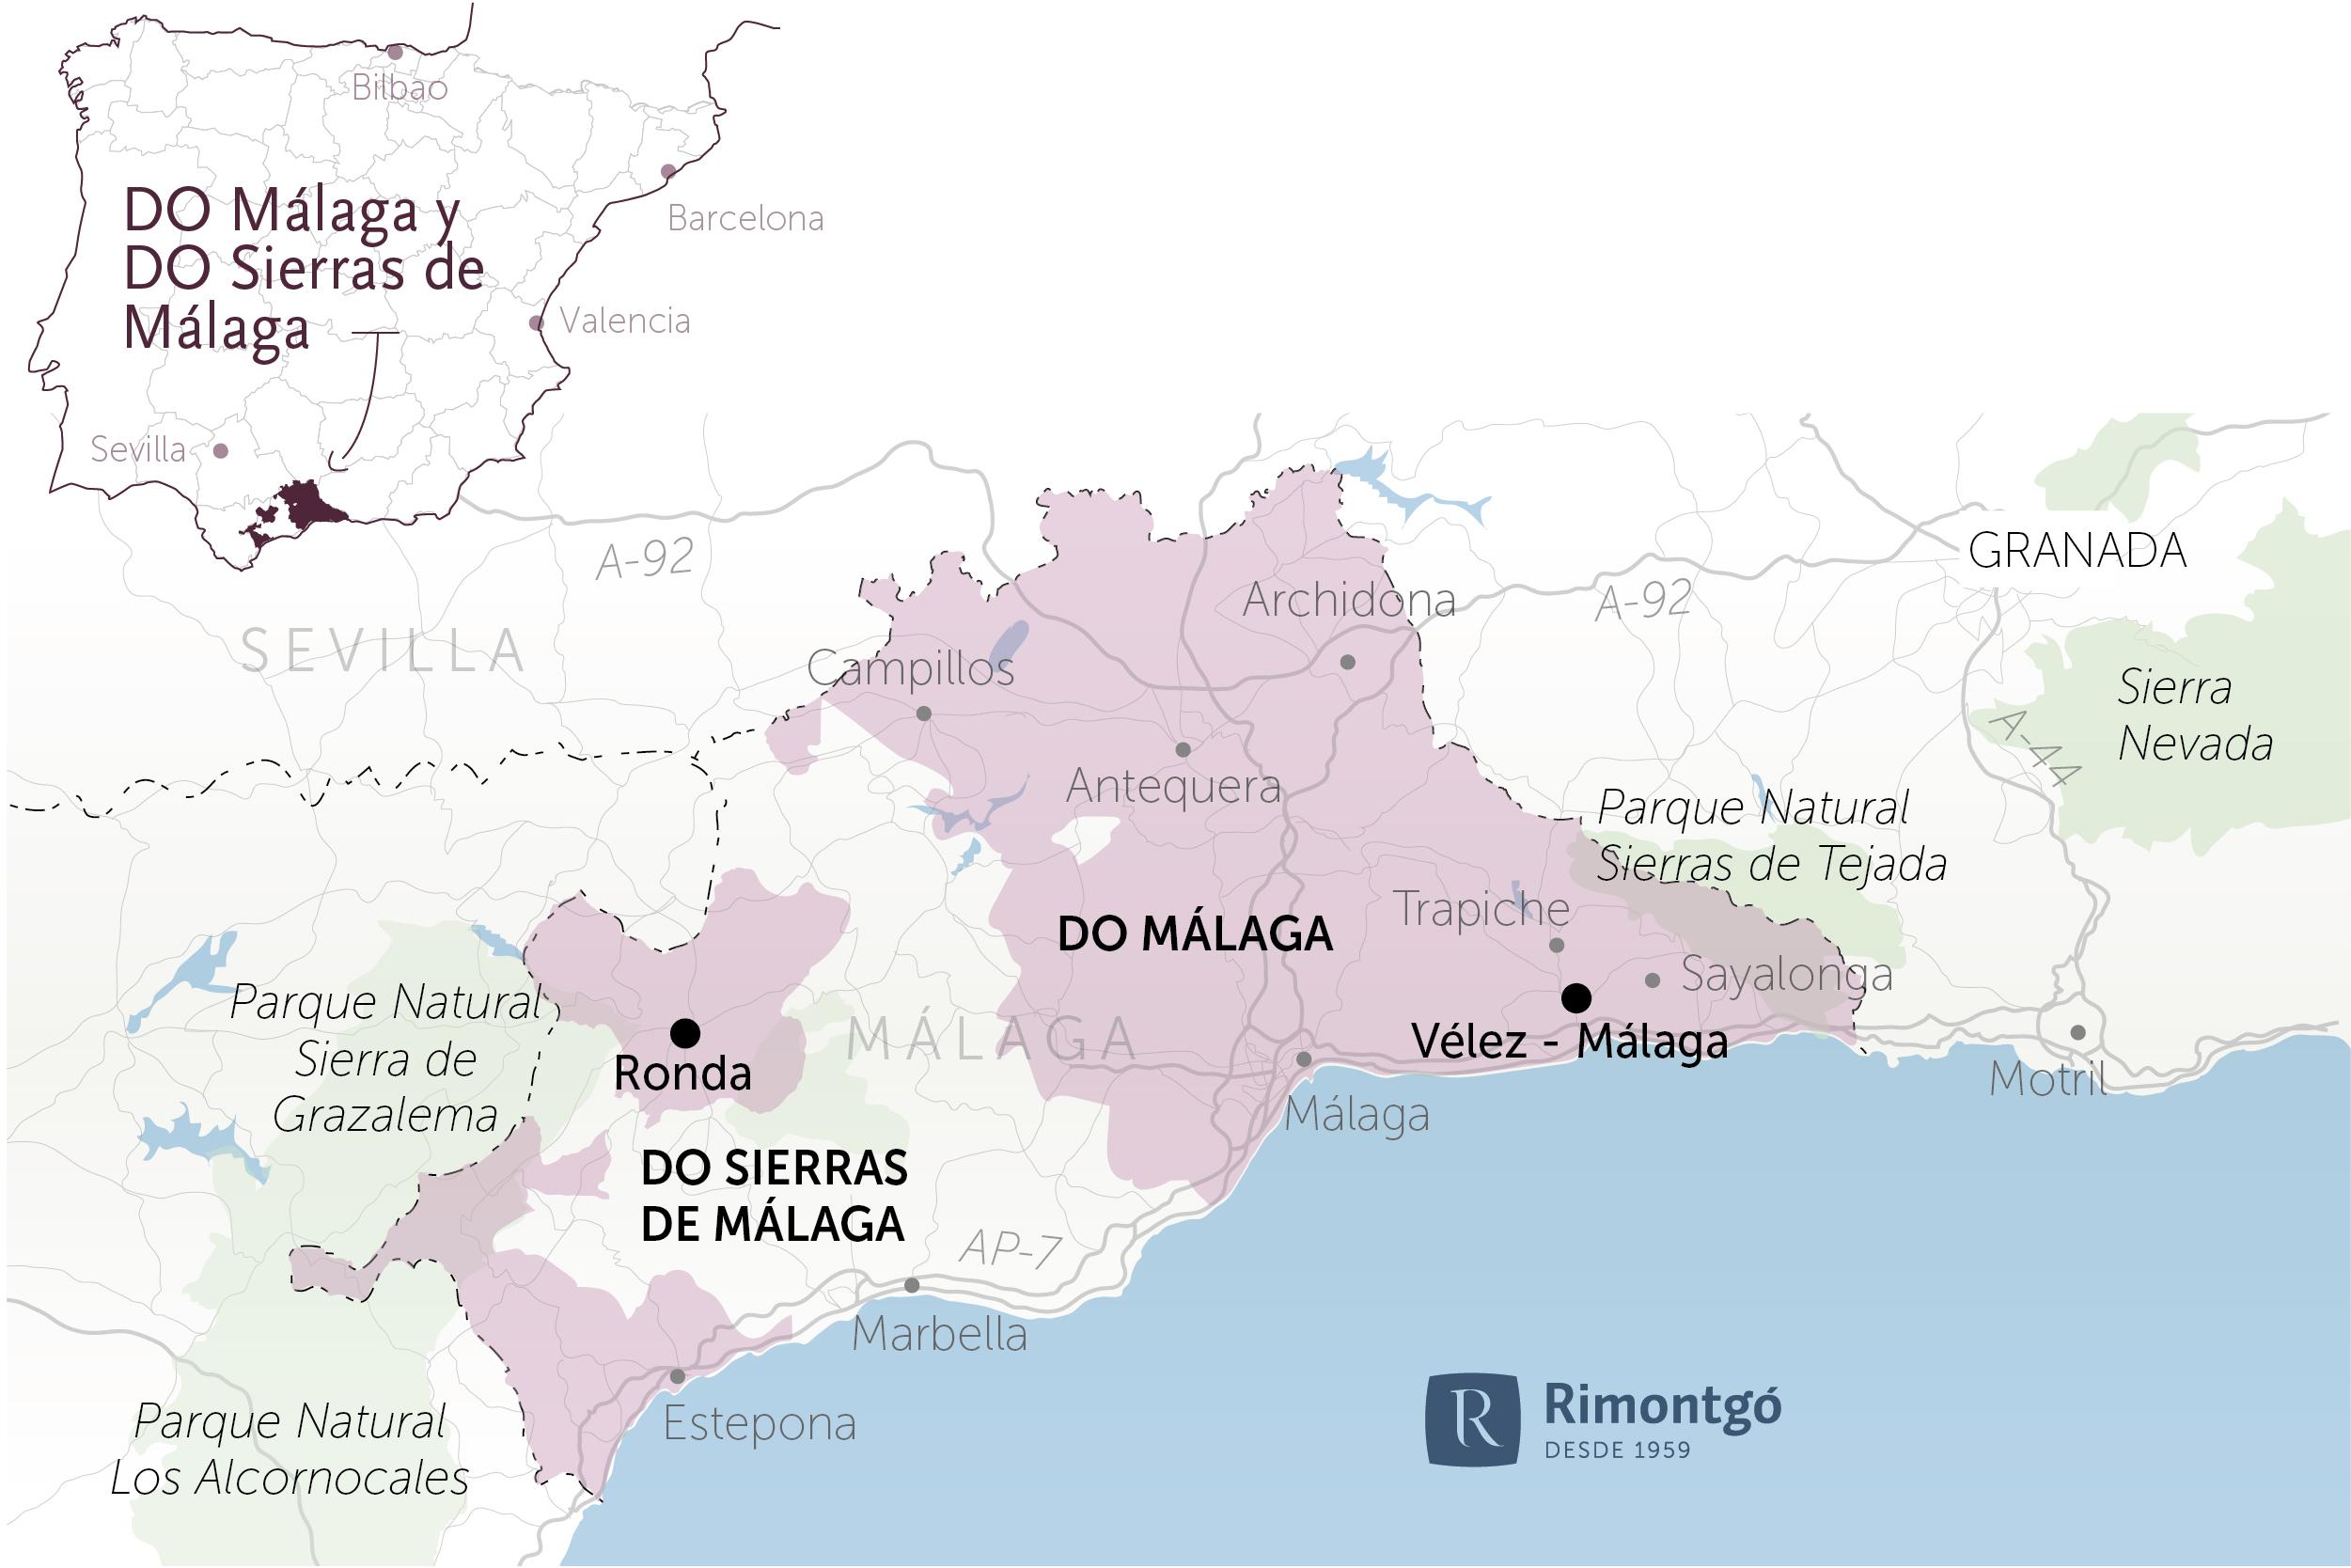 DO Málaga y DO Sierras de Málaga